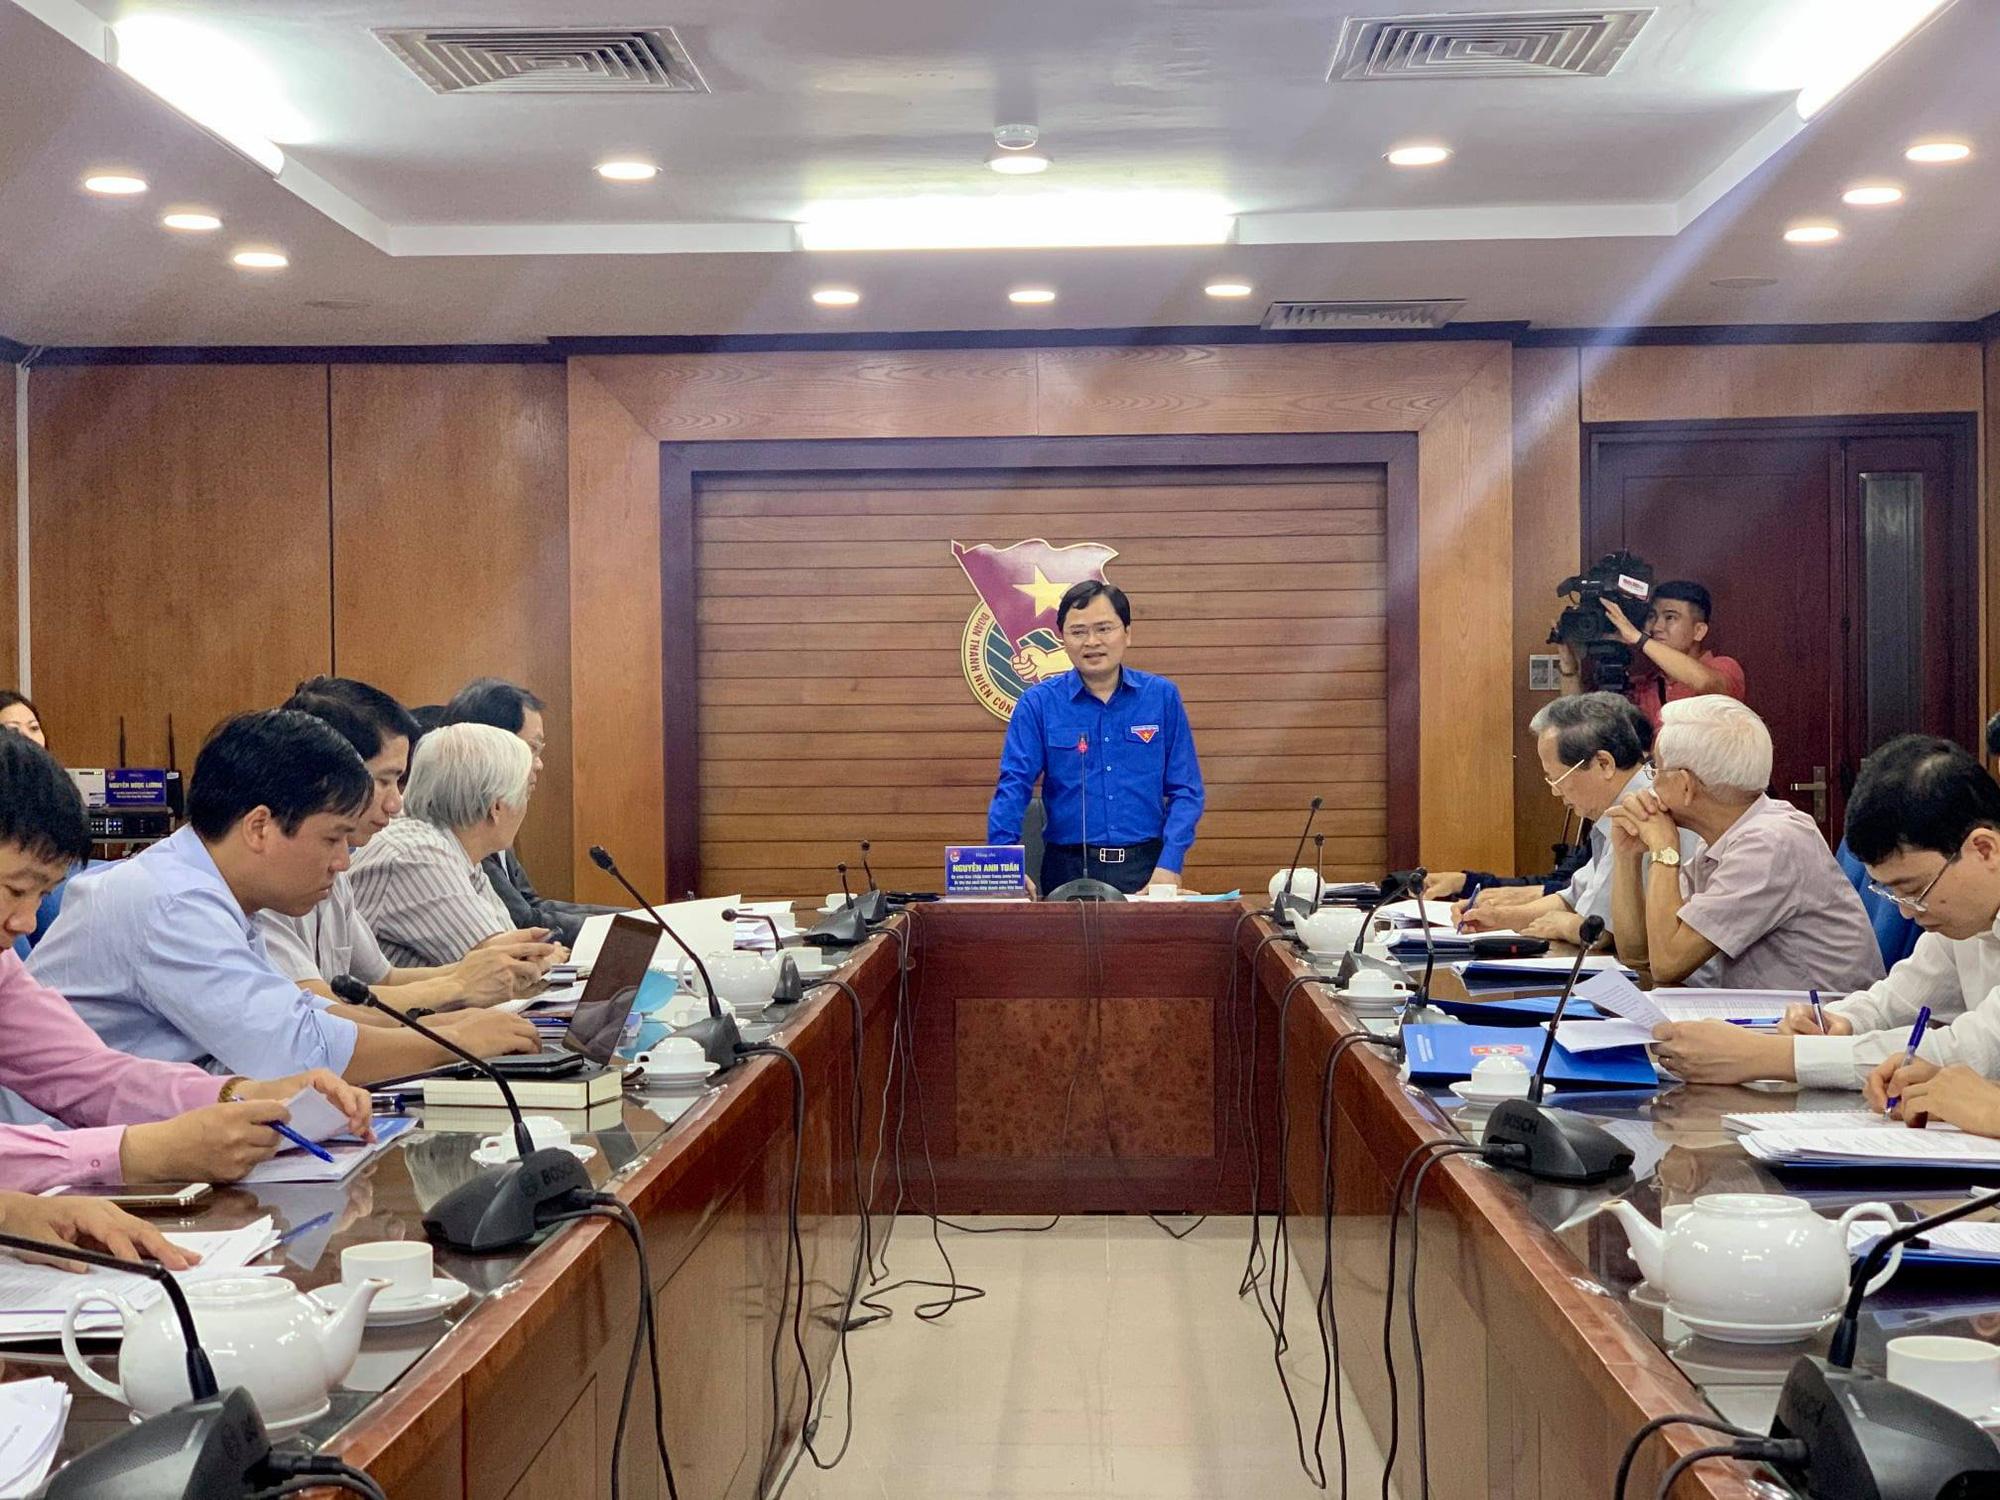 Đề xuất Phó Thủ tướng làm Chủ nhiệm UBQG về Thanh niên - Ảnh 2.